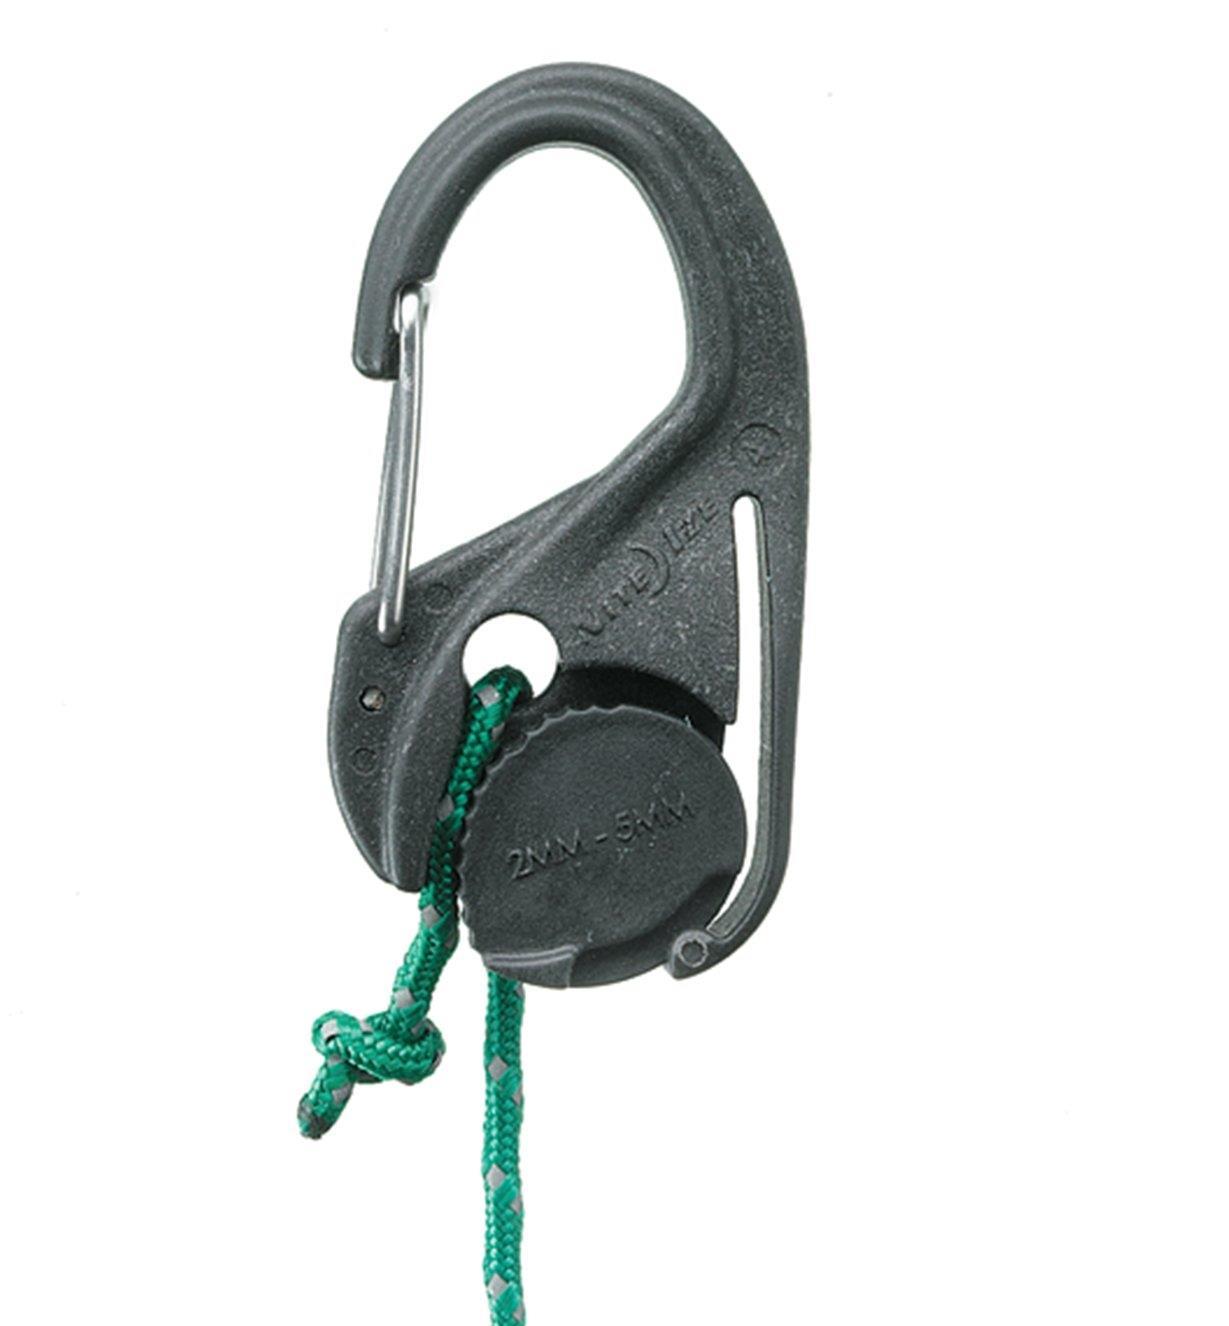 68K0662 - Nylon CamJam Cord Tightener, each